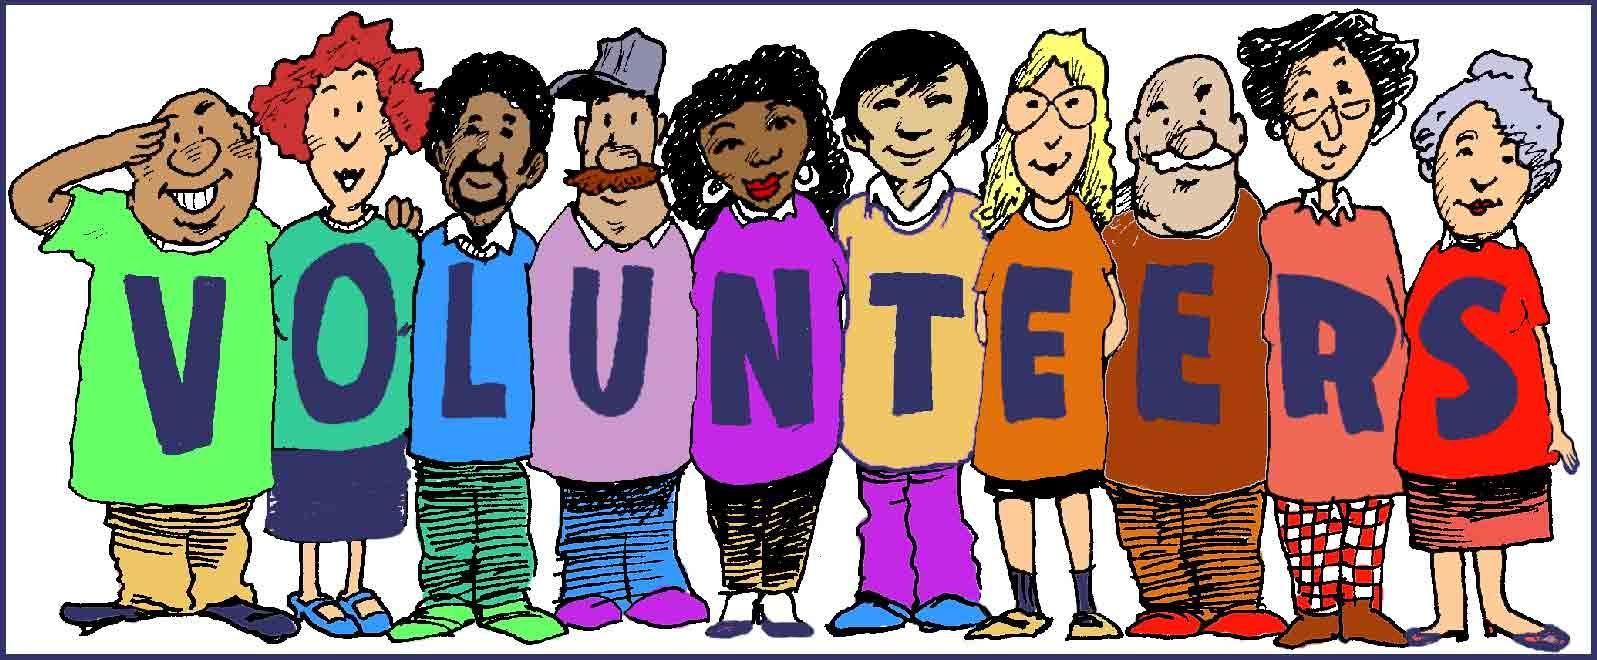 Volunteer planning pot luck. Volunteering clipart professional meeting